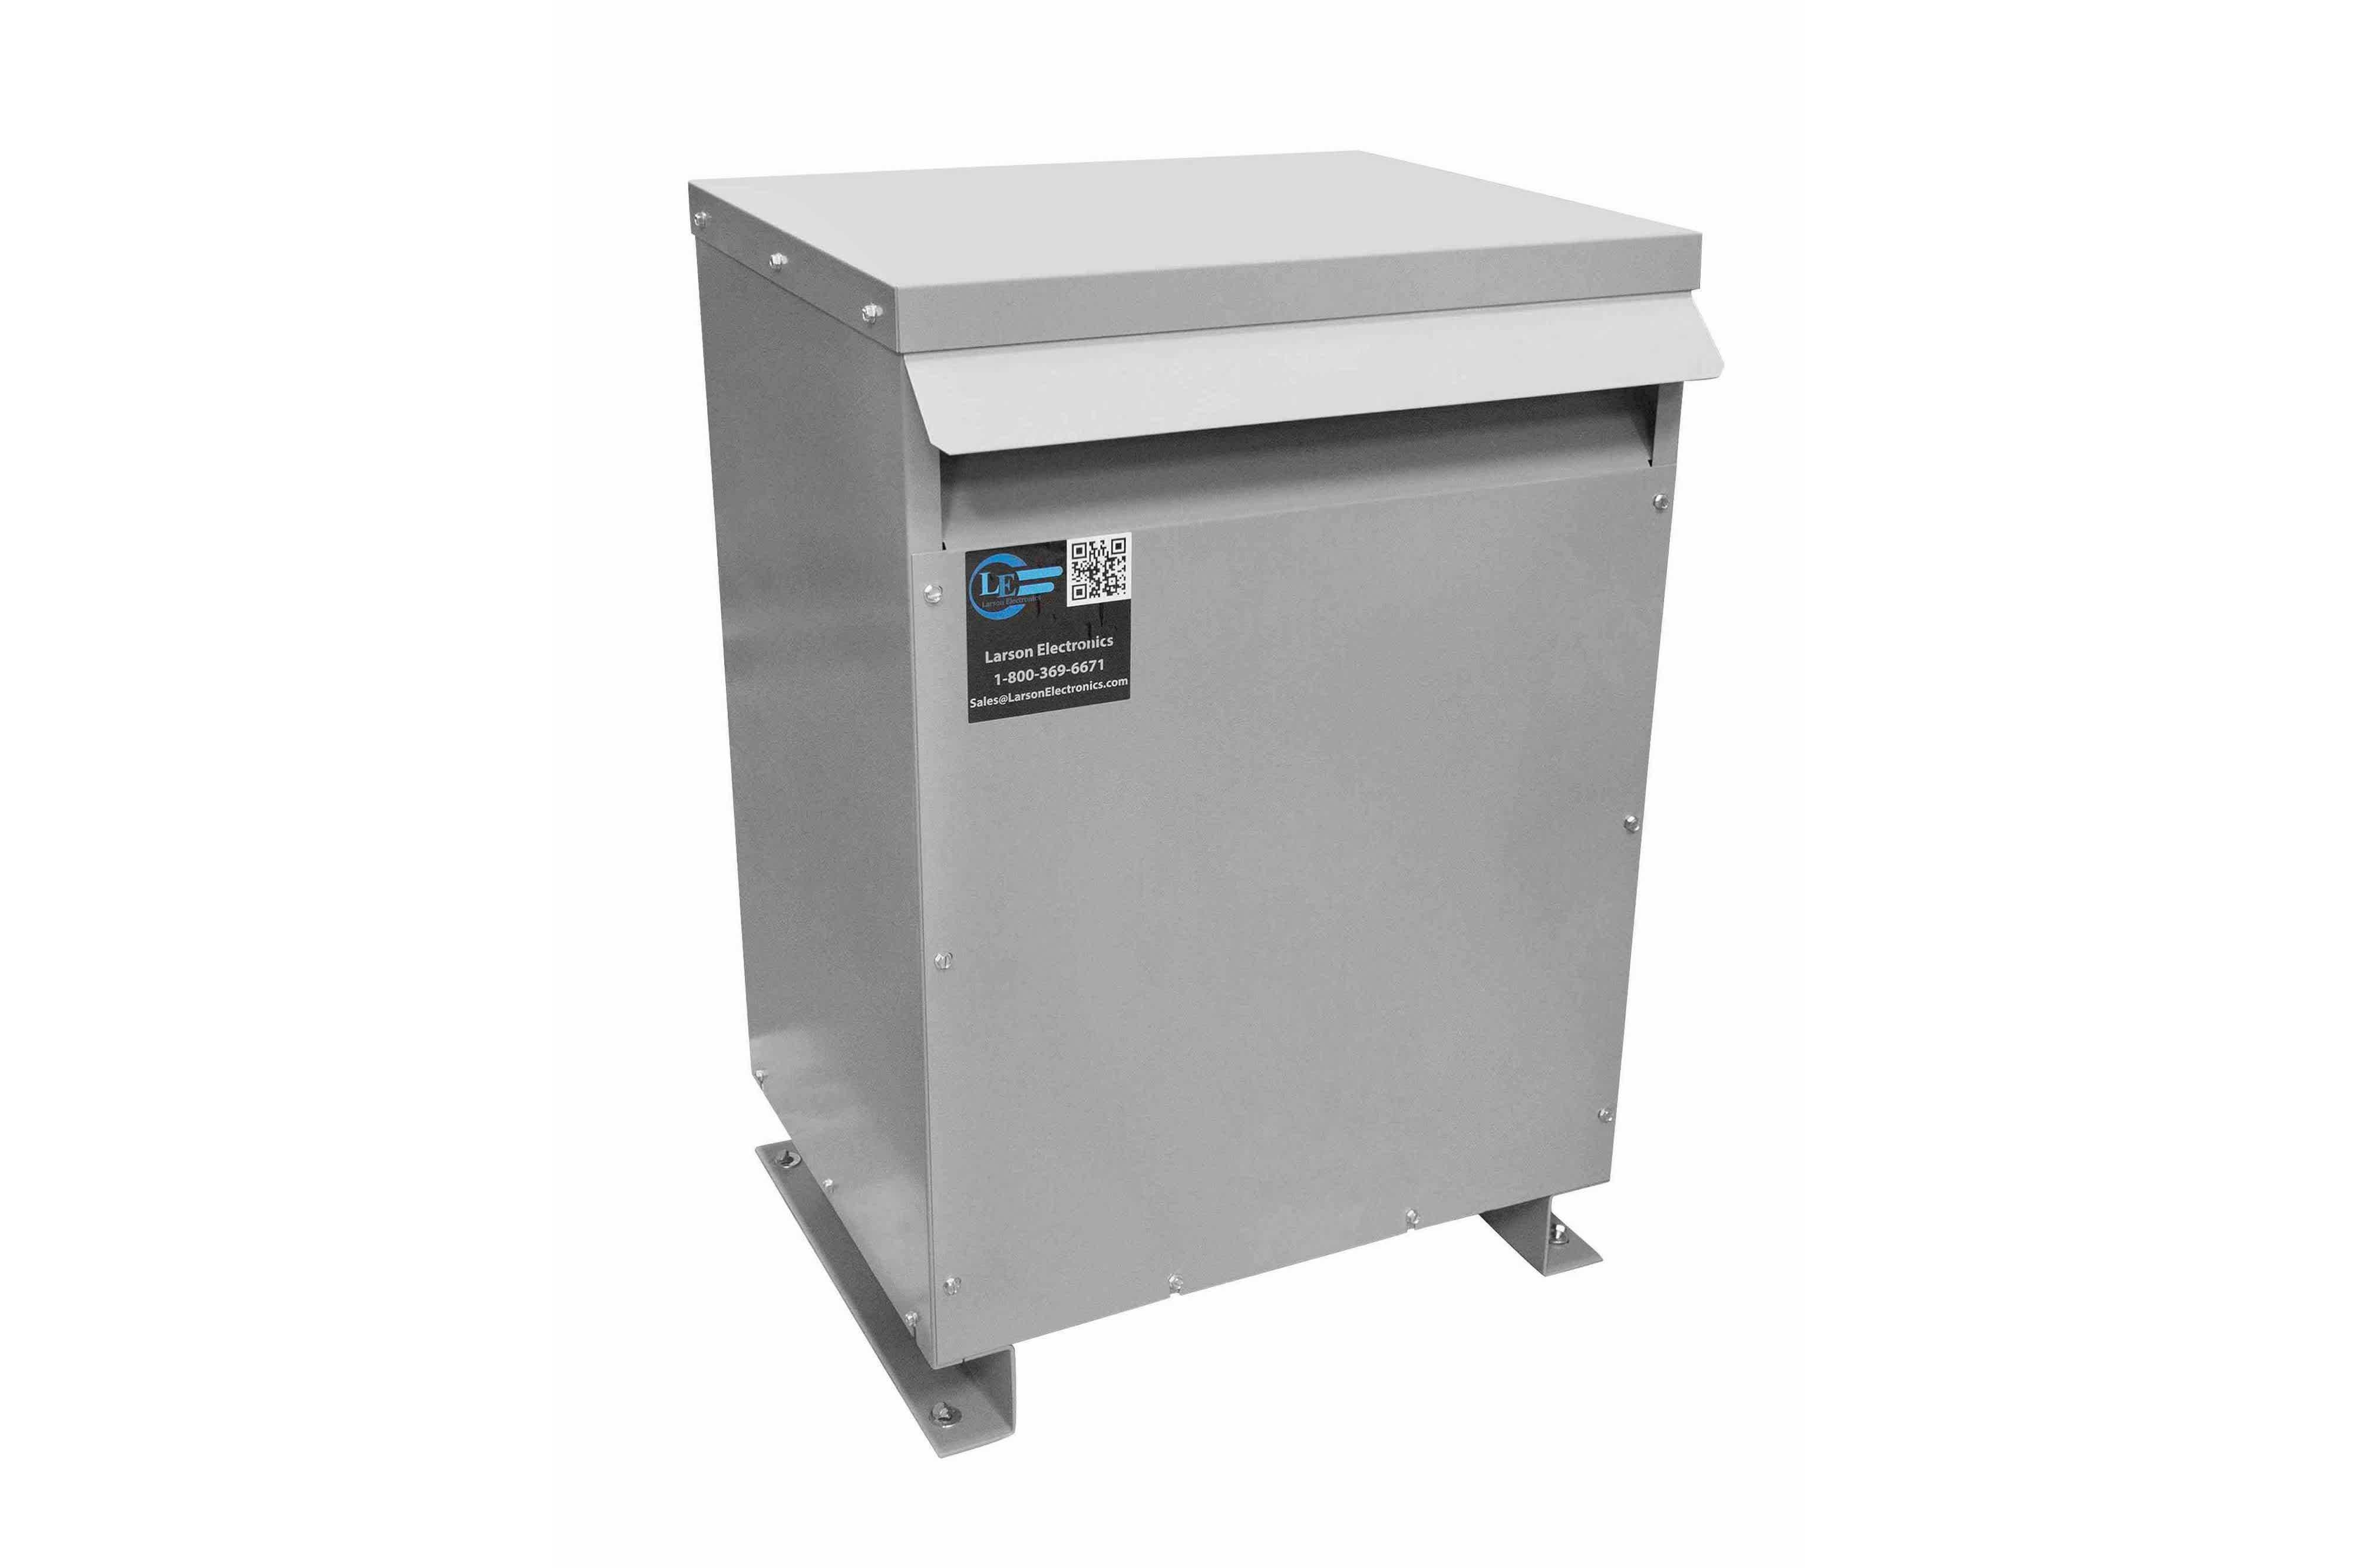 237.5 kVA 3PH Isolation Transformer, 415V Delta Primary, 240 Delta Secondary, N3R, Ventilated, 60 Hz